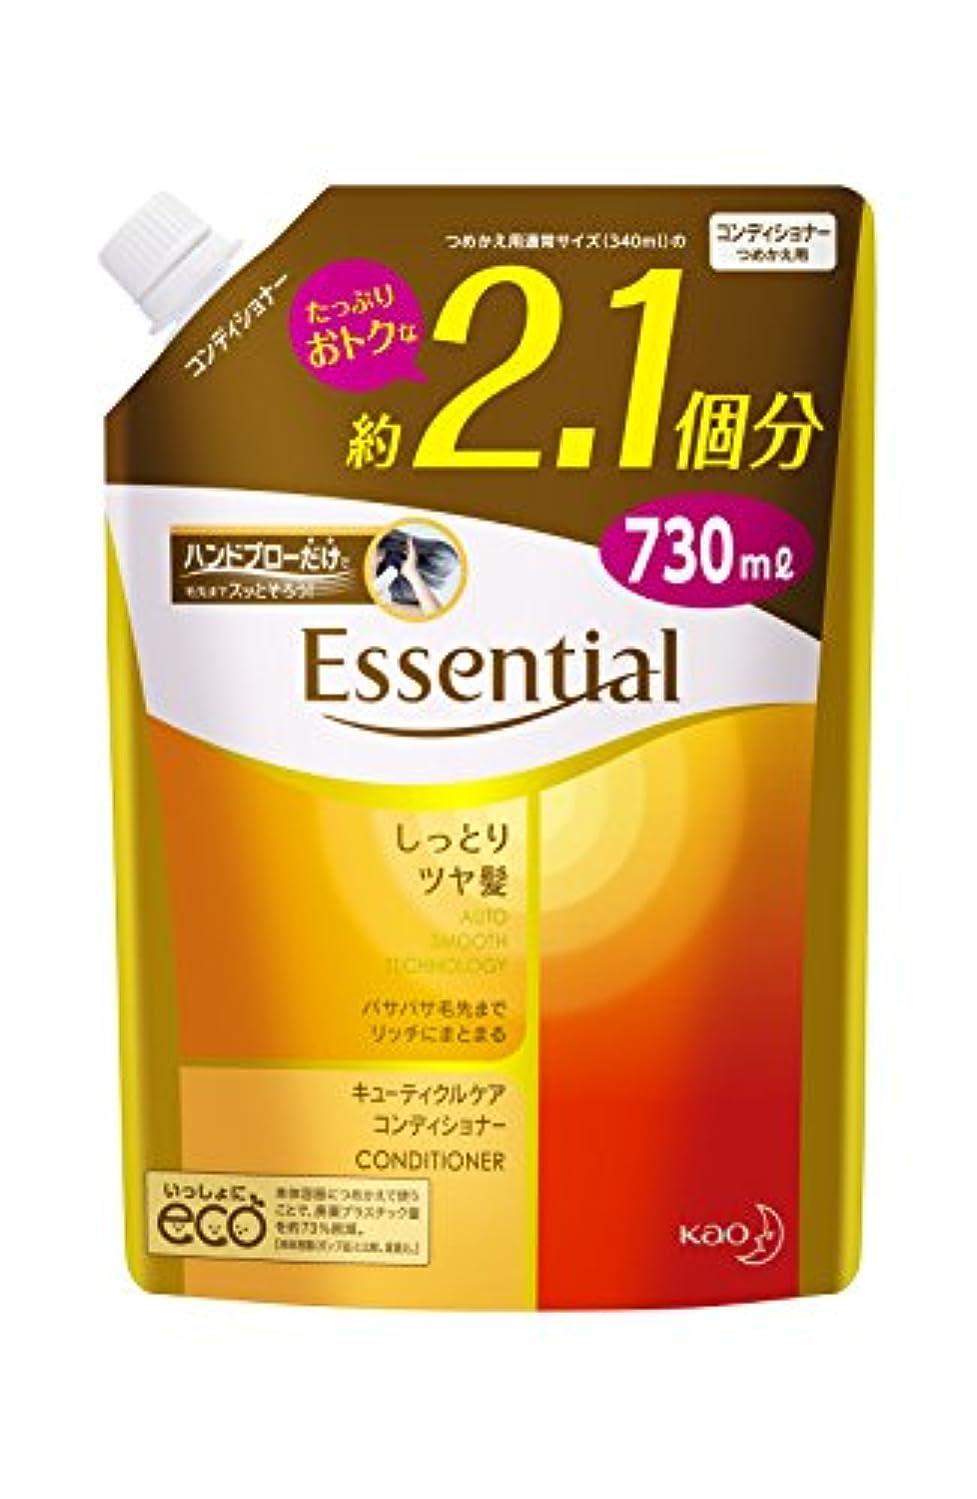 設計強化するジョセフバンクス【大容量】エッセンシャル しっとりツヤ髪コンディショナー つめかえ用 730ml(2.1個分)